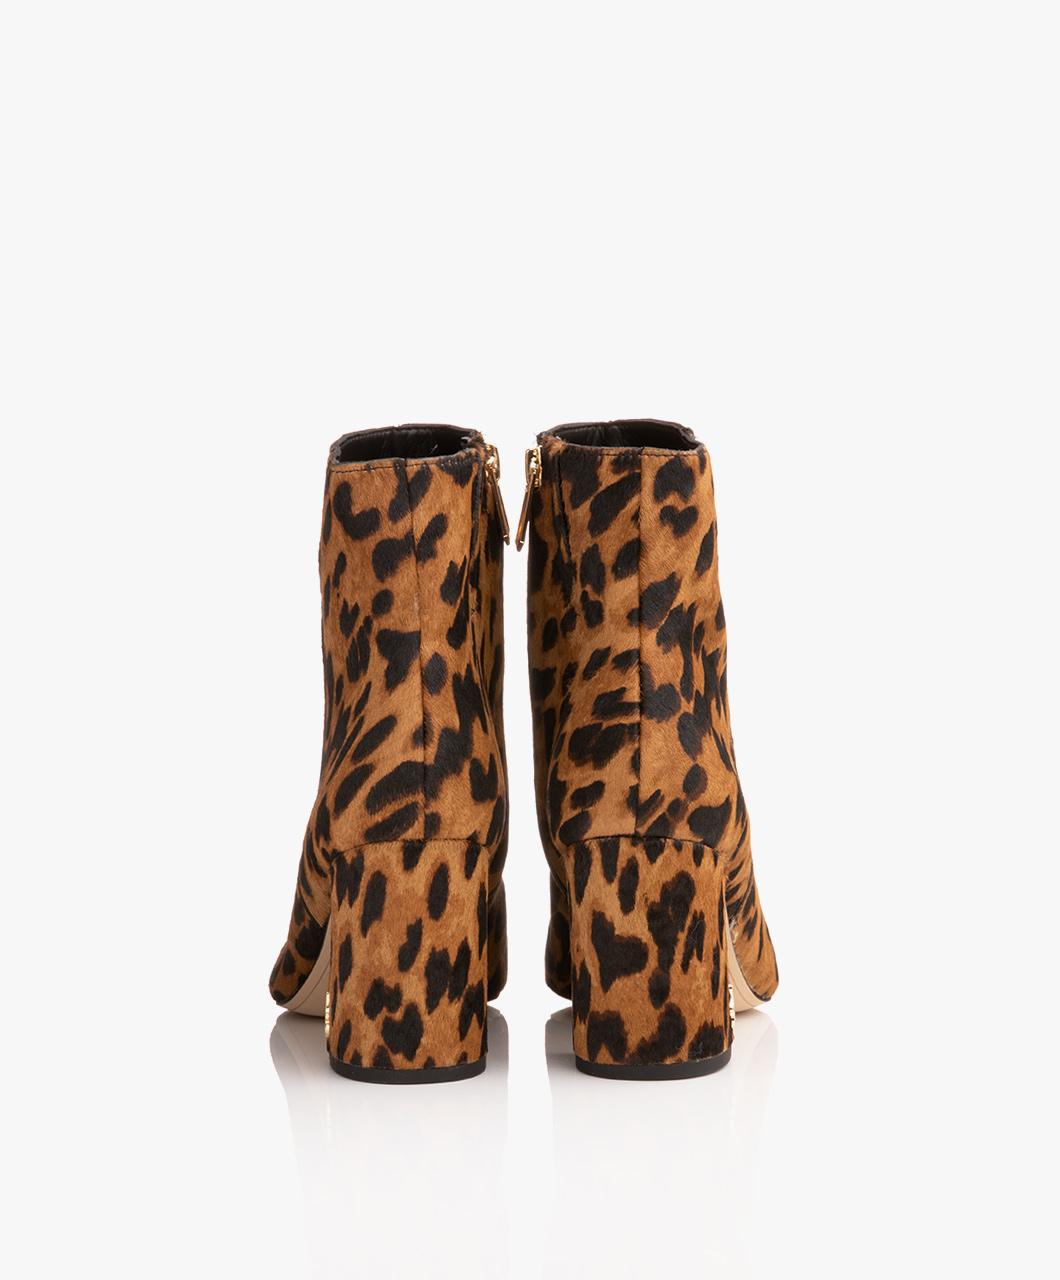 b07439b6b Sam Edelman Hilty Brahma Hair Ankle Boots - Luggage - hilty luggage ...